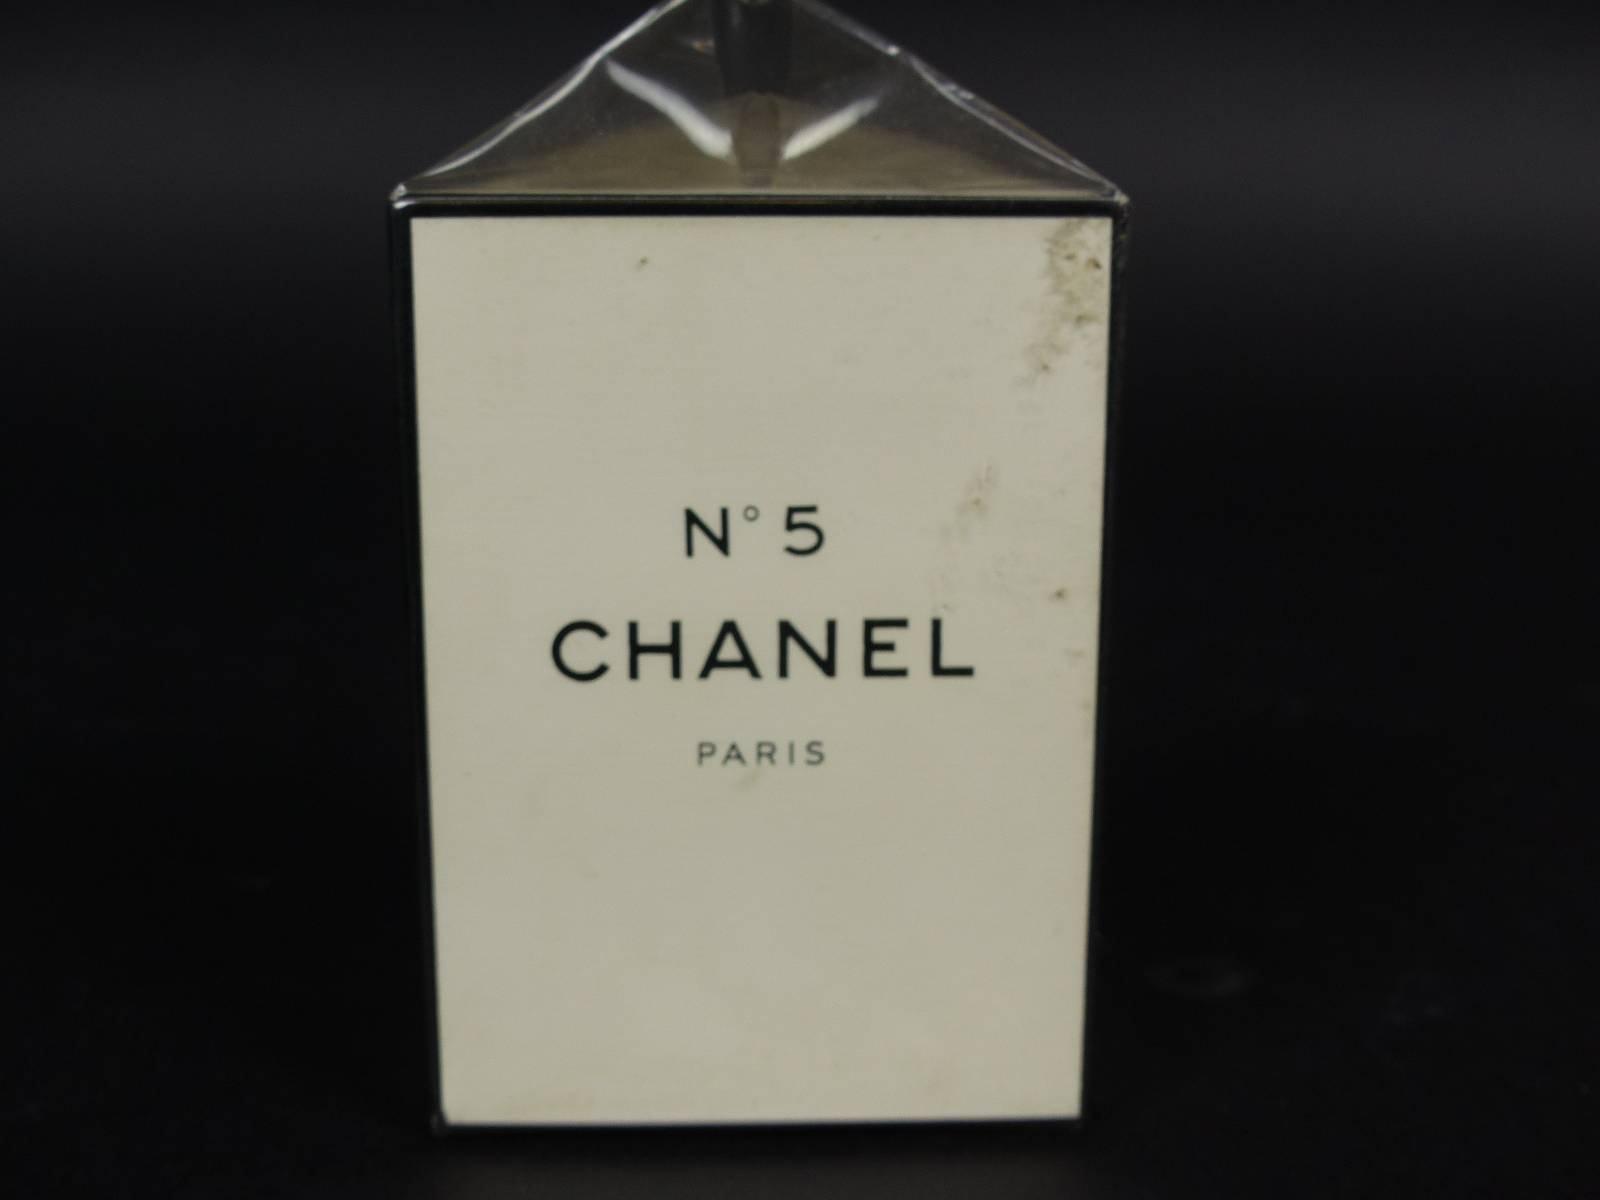 CHANEL No 5 Paris (100ml/Euro 1427,14) Parfüm 7 ml Extrait T.P.M. ...